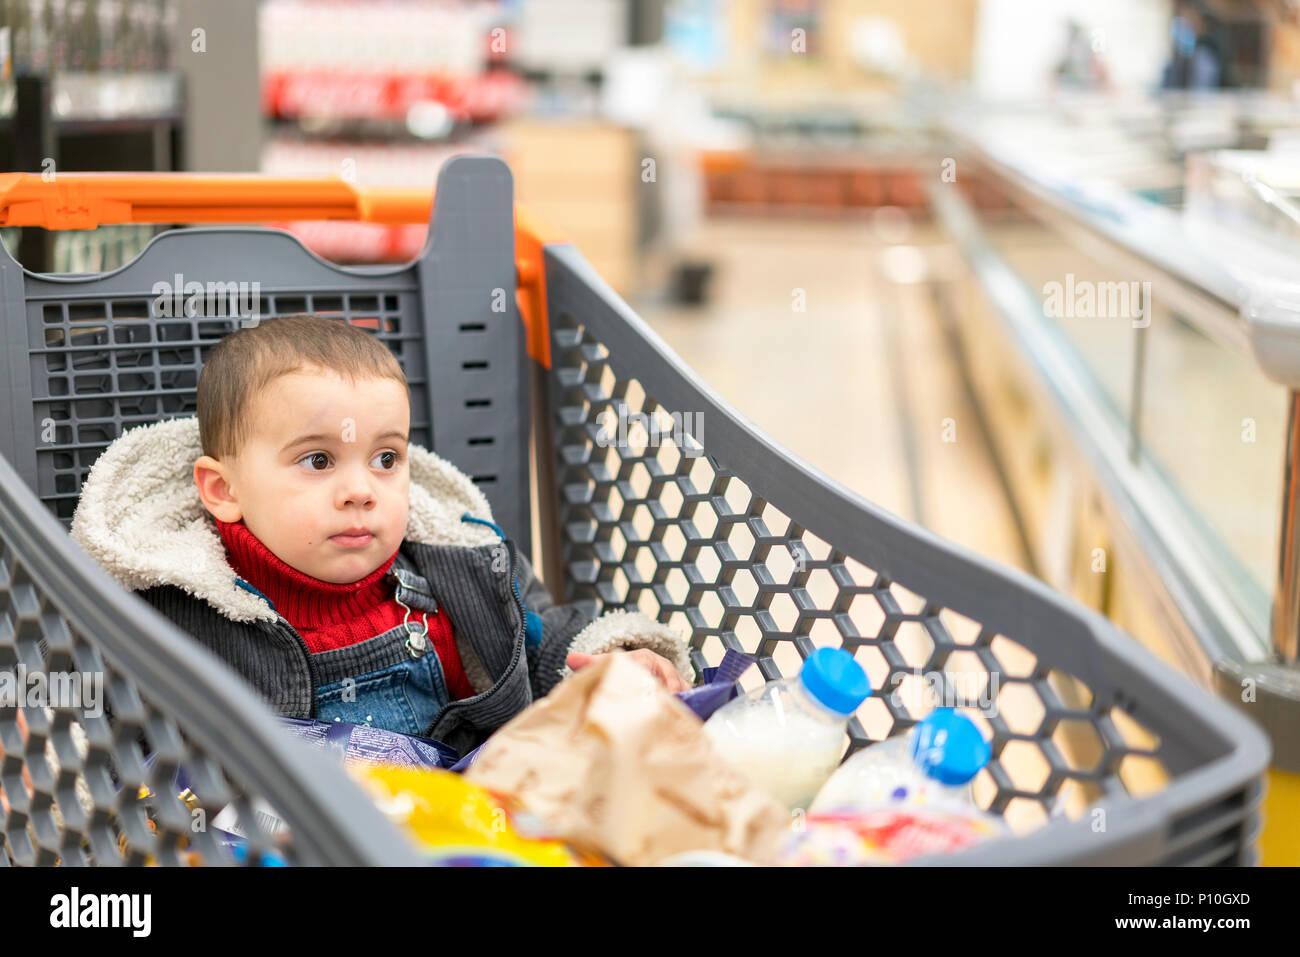 8ffe3907e96325 Volle Einkaufswagen mit Lebensmitteln im Supermarkt. In der Karre sitzt ein  Baby.